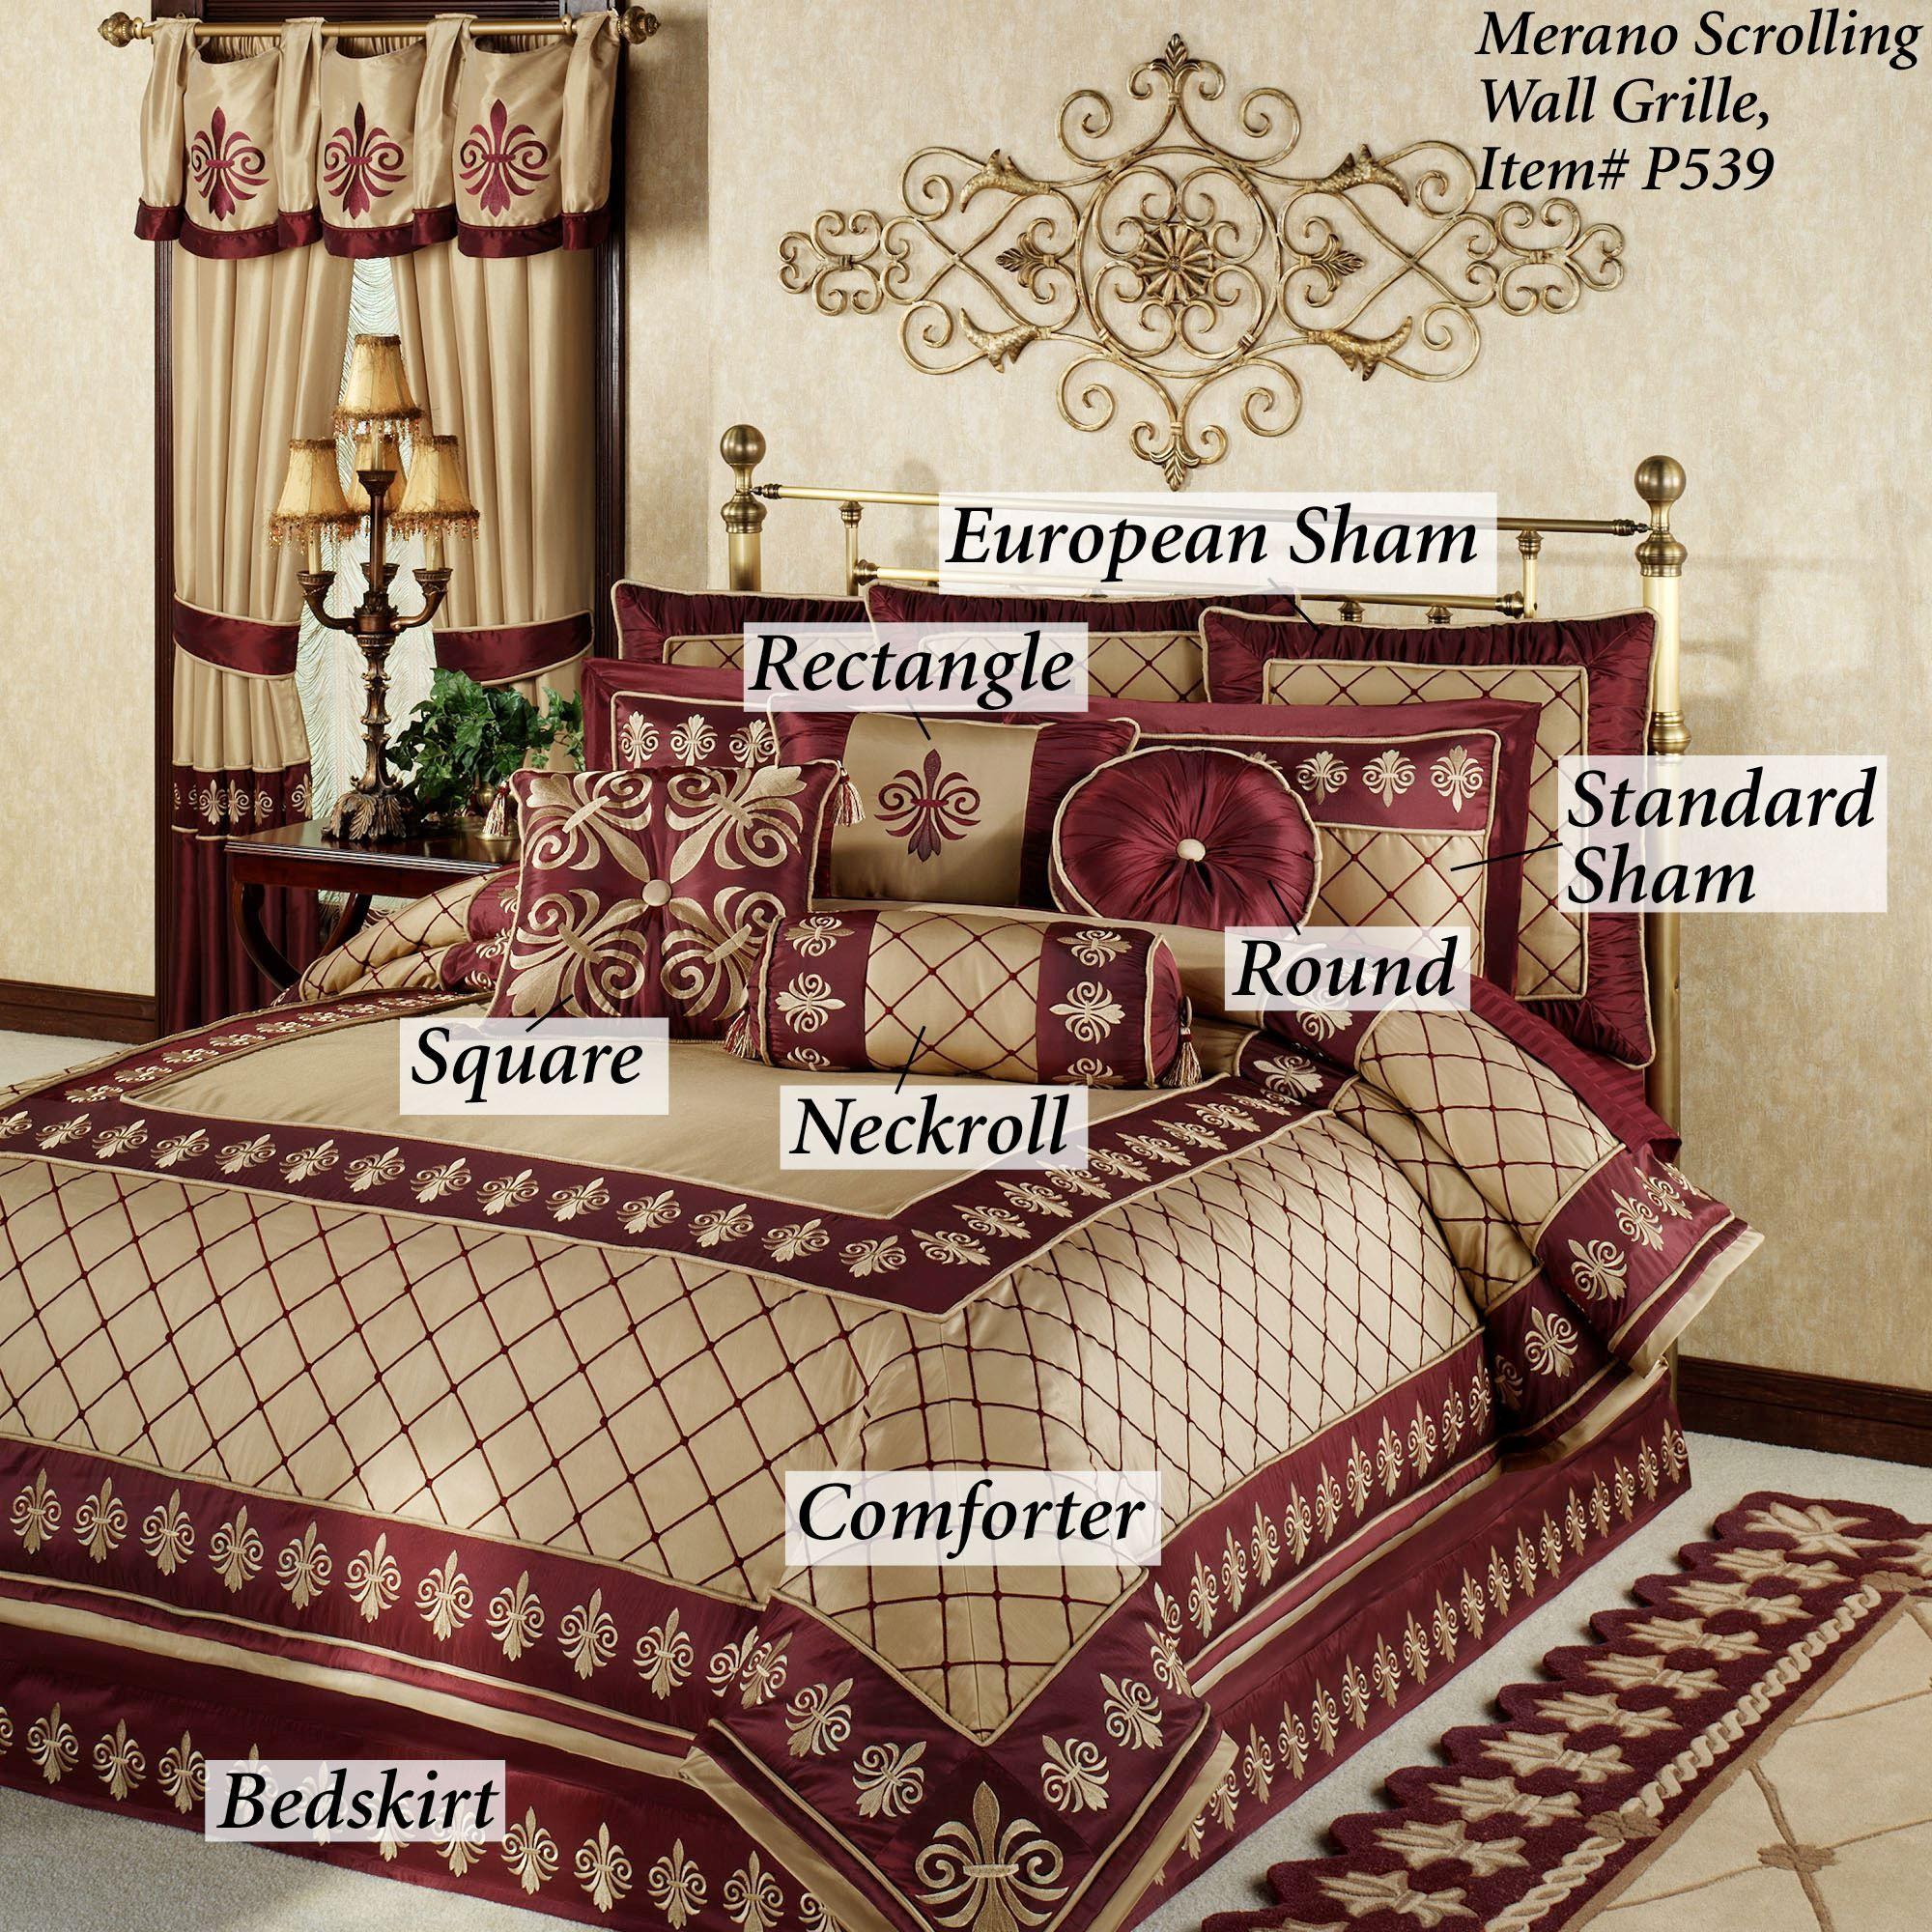 Roman empire fleur de lis comforter bedding - Fleur de lis comforter ...